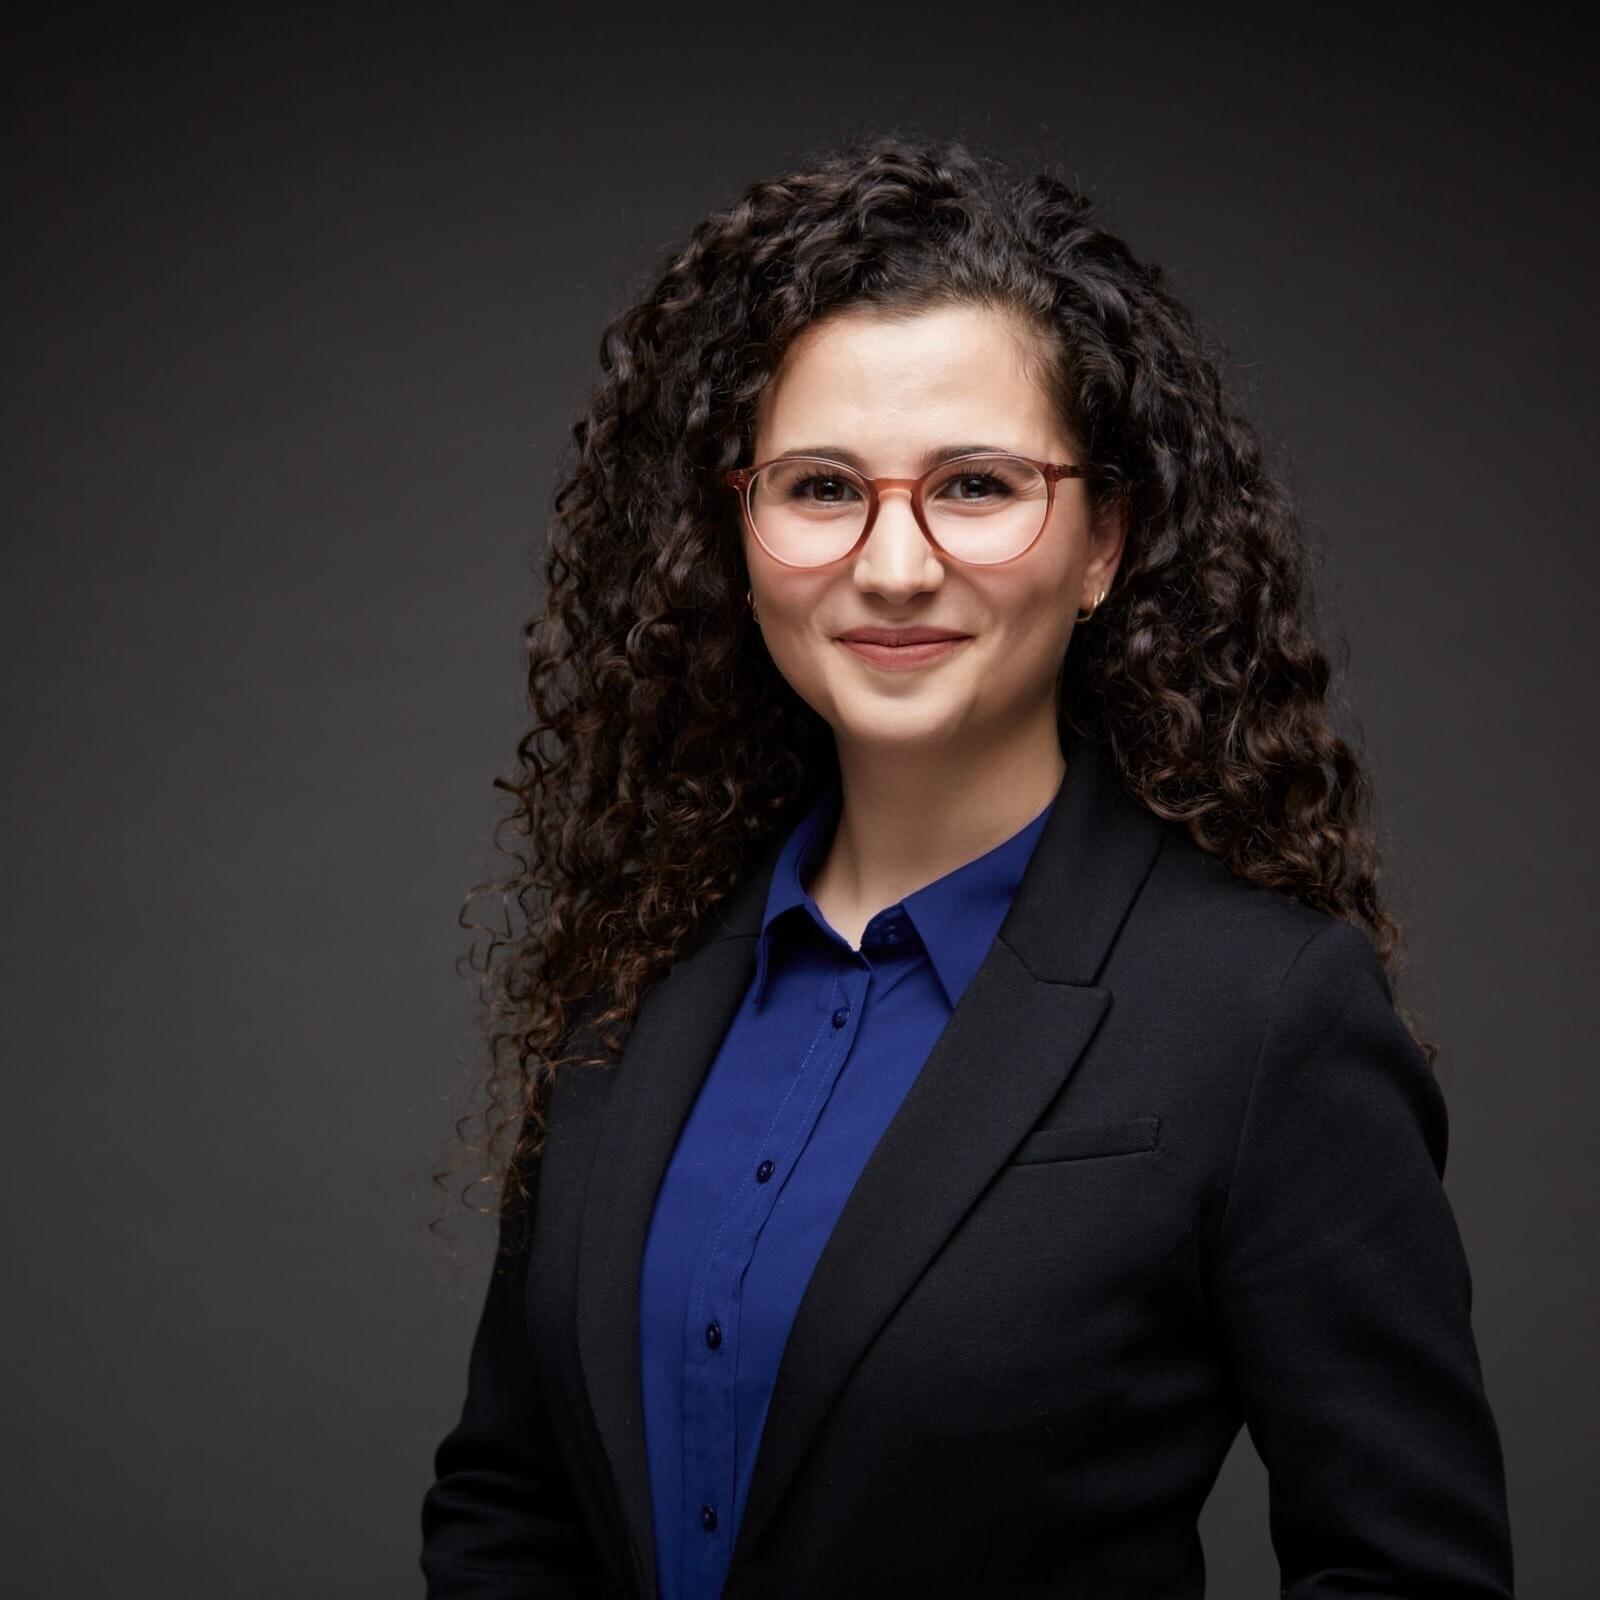 Professionelles Bewerbungsfoto einer Juristin